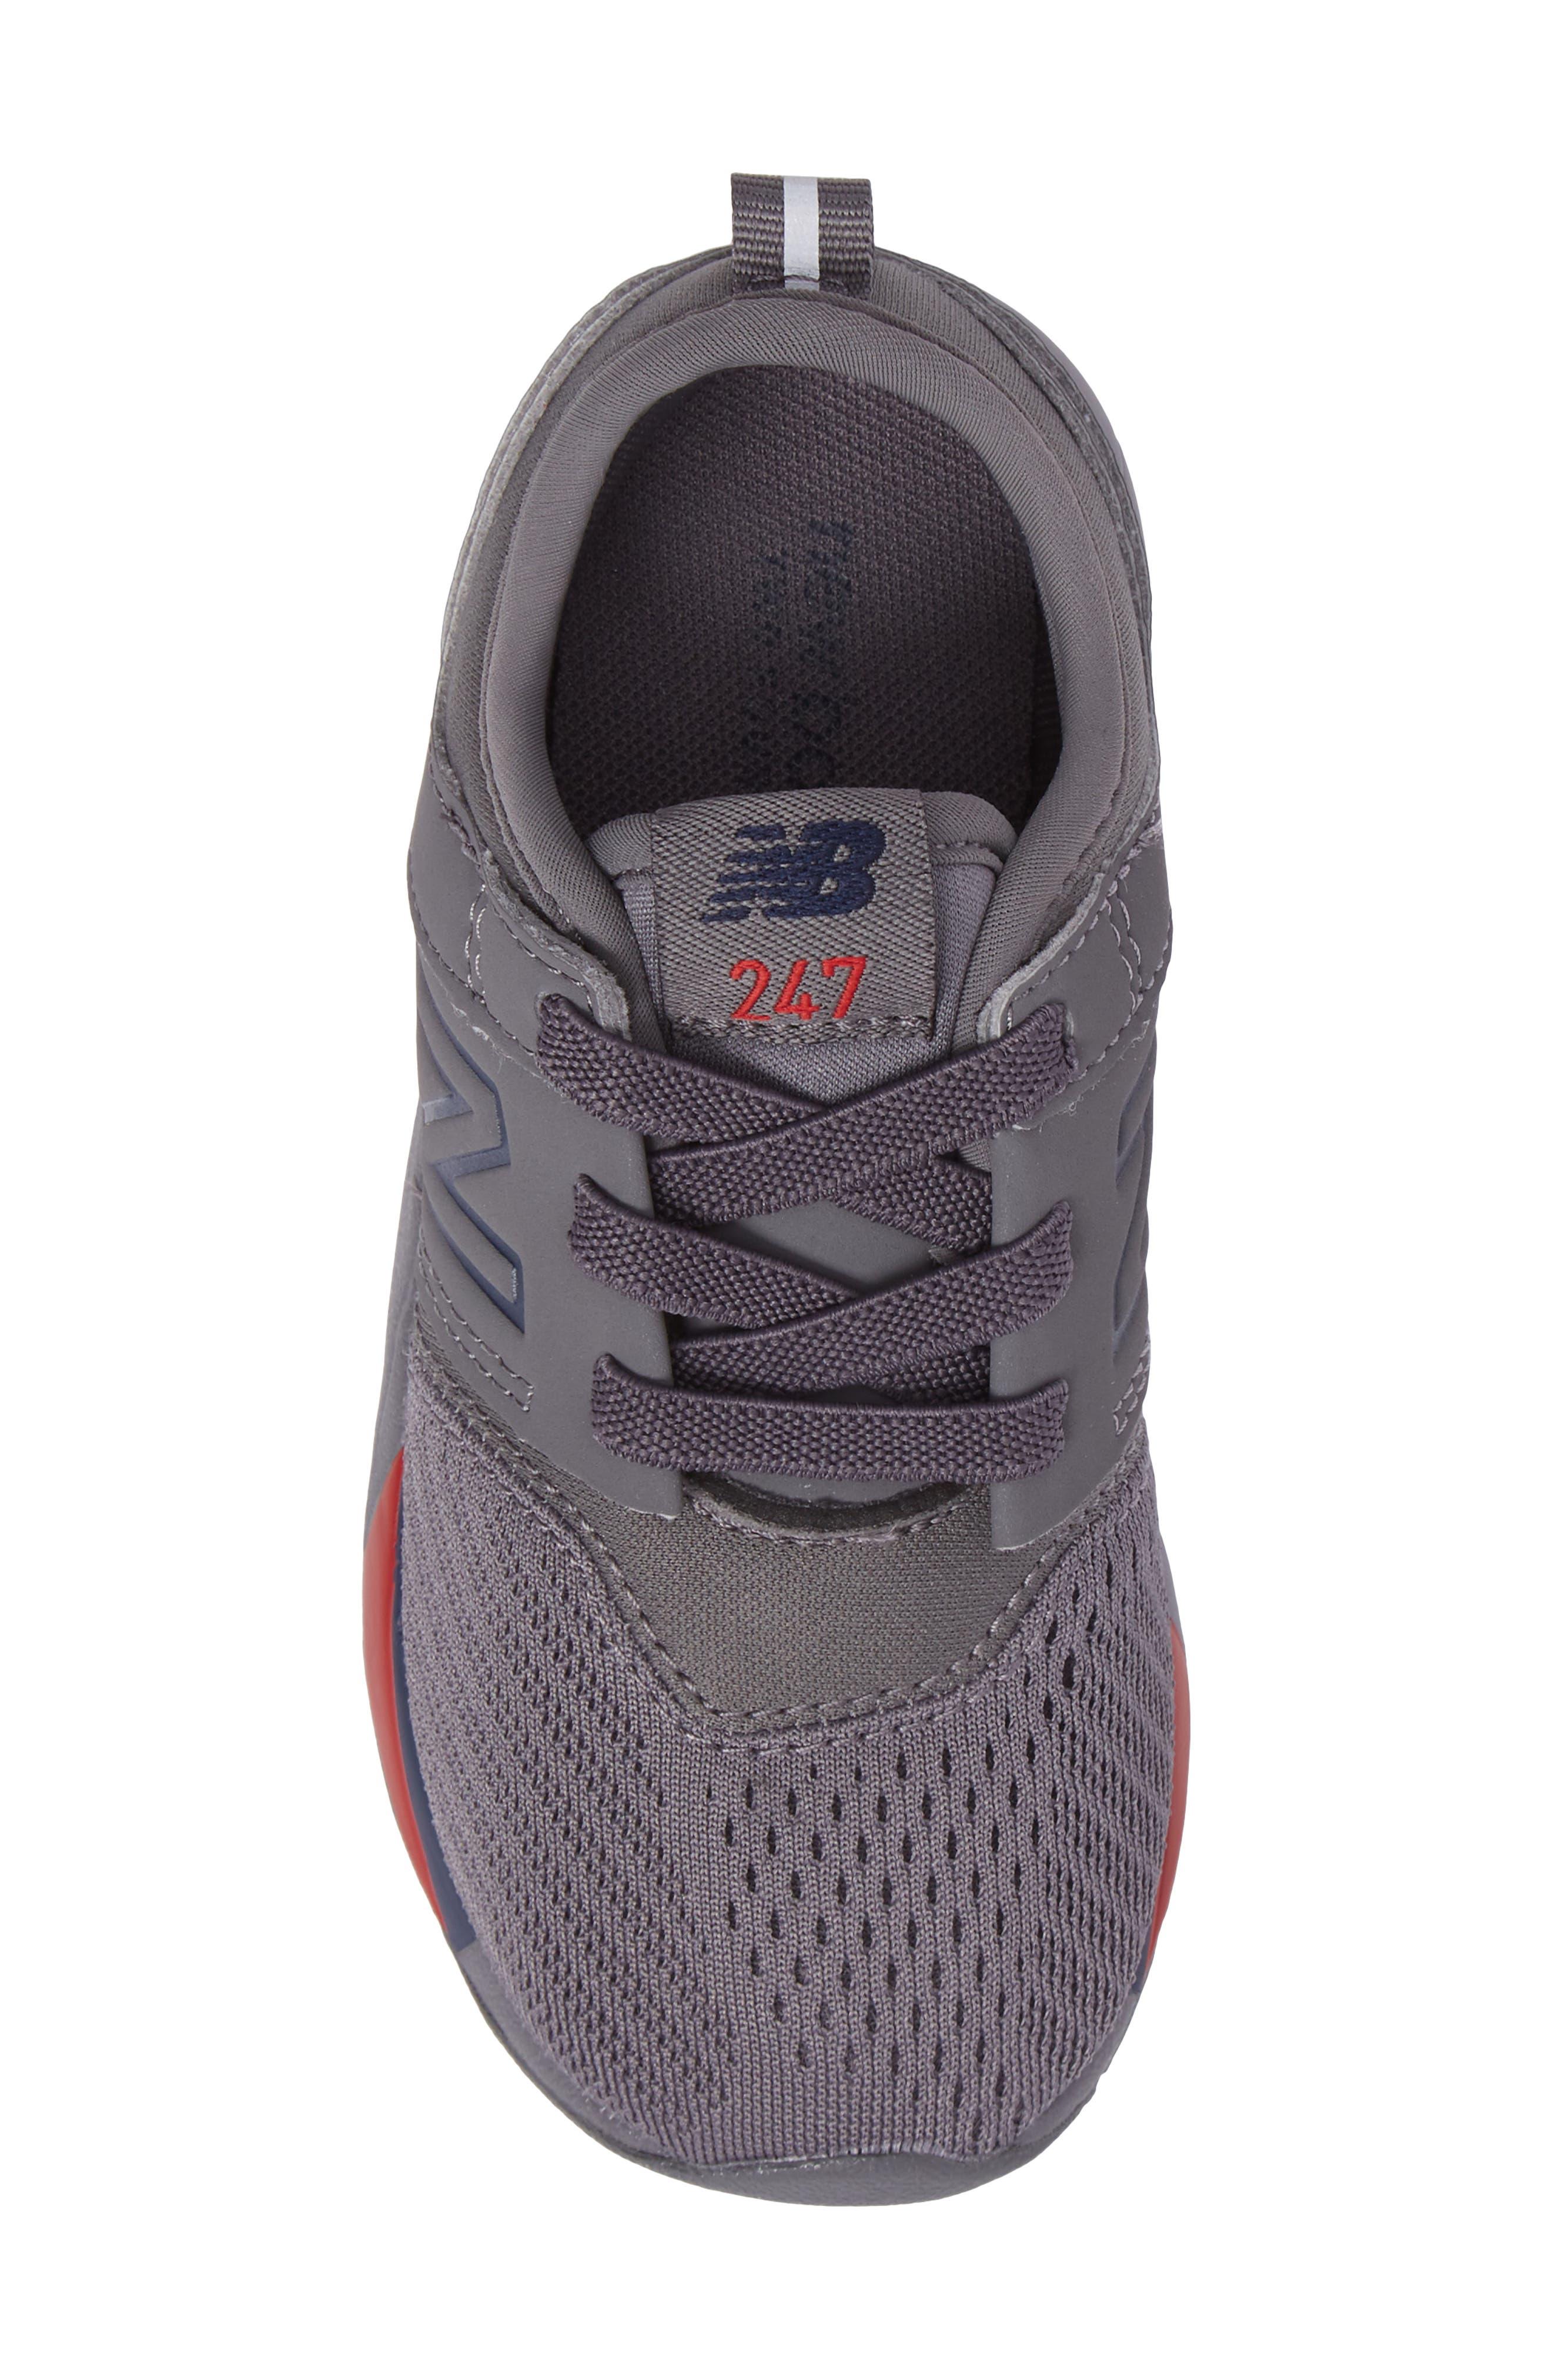 247 Sport Sneaker,                             Alternate thumbnail 5, color,                             039